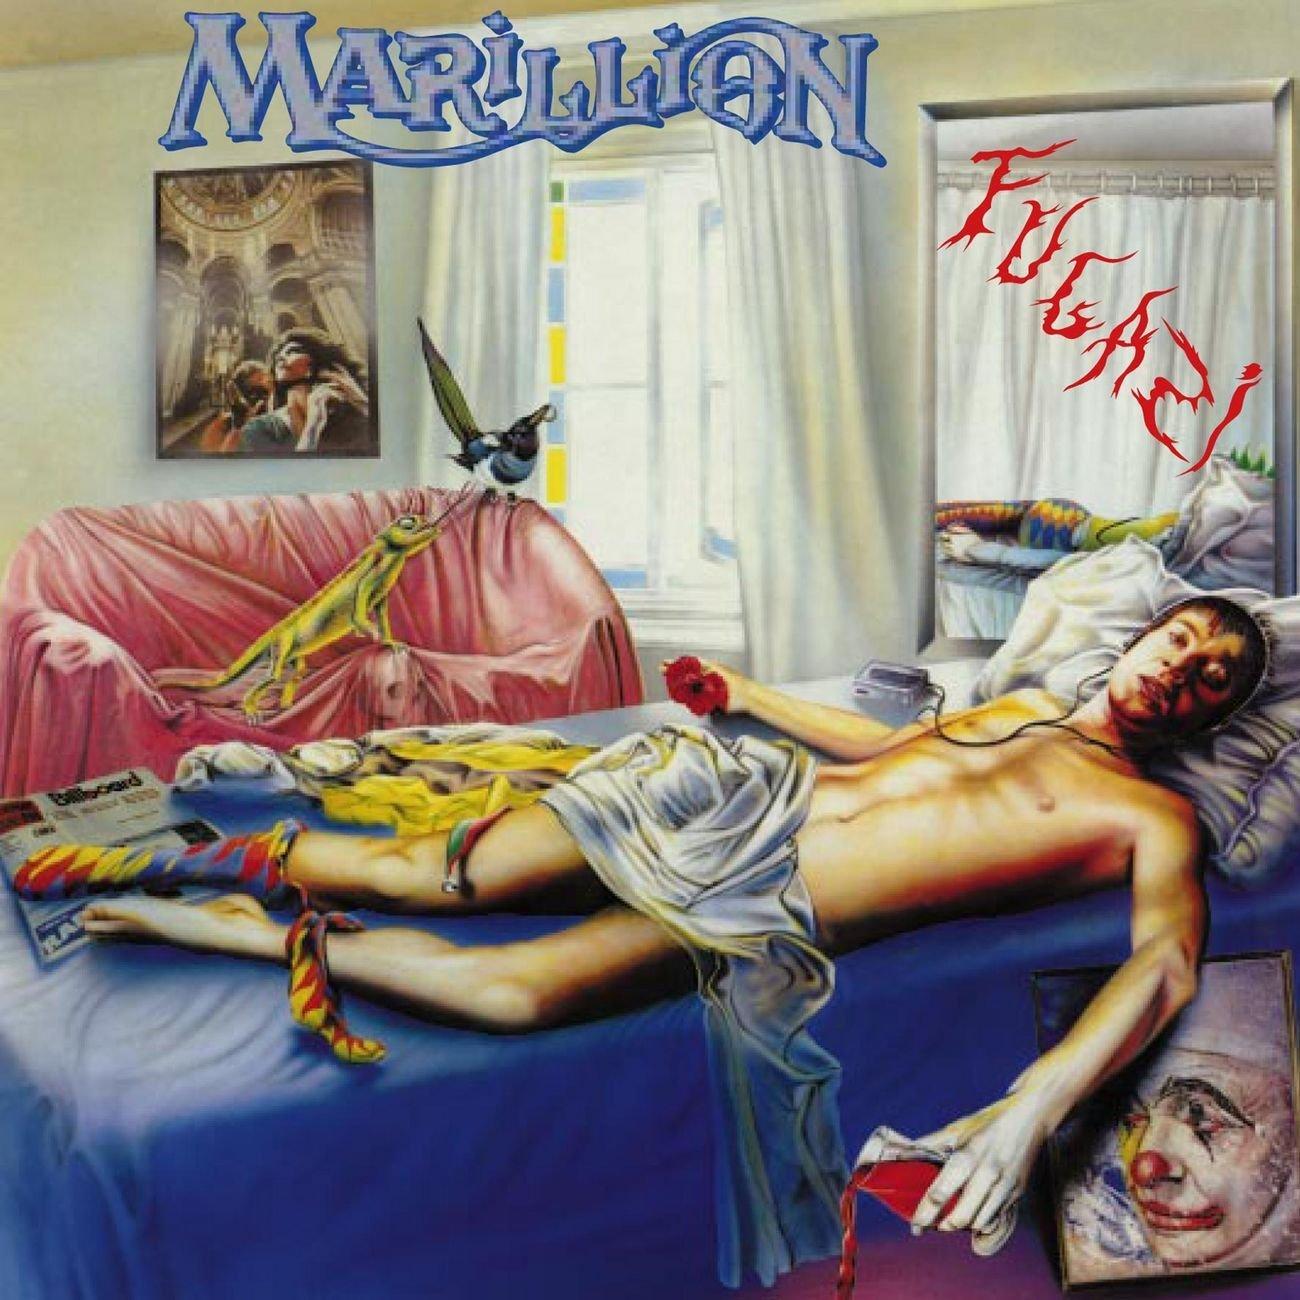 Los 25 mejores discos de rock progresivo.... MARILLIONFUGAZILP